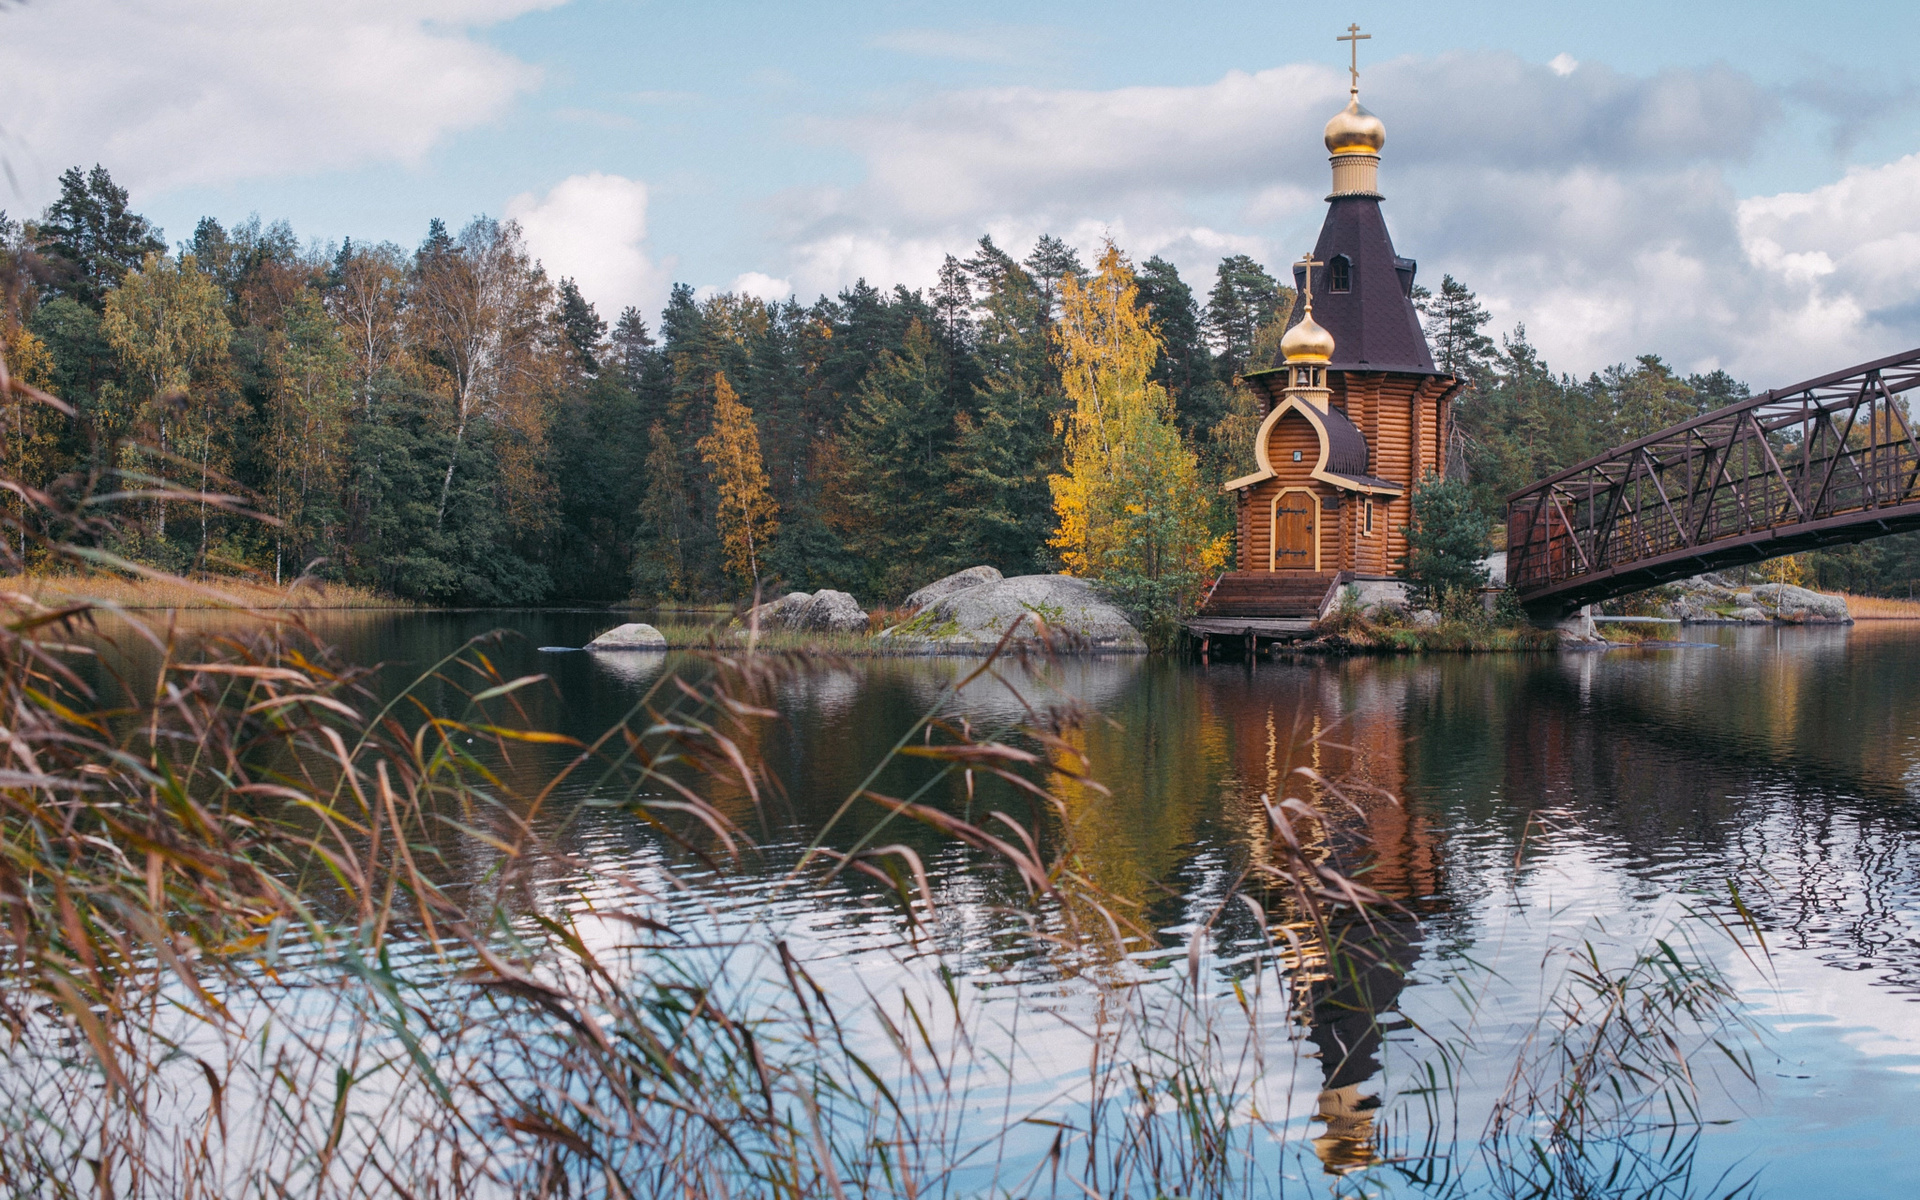 Картинка церковь и лес